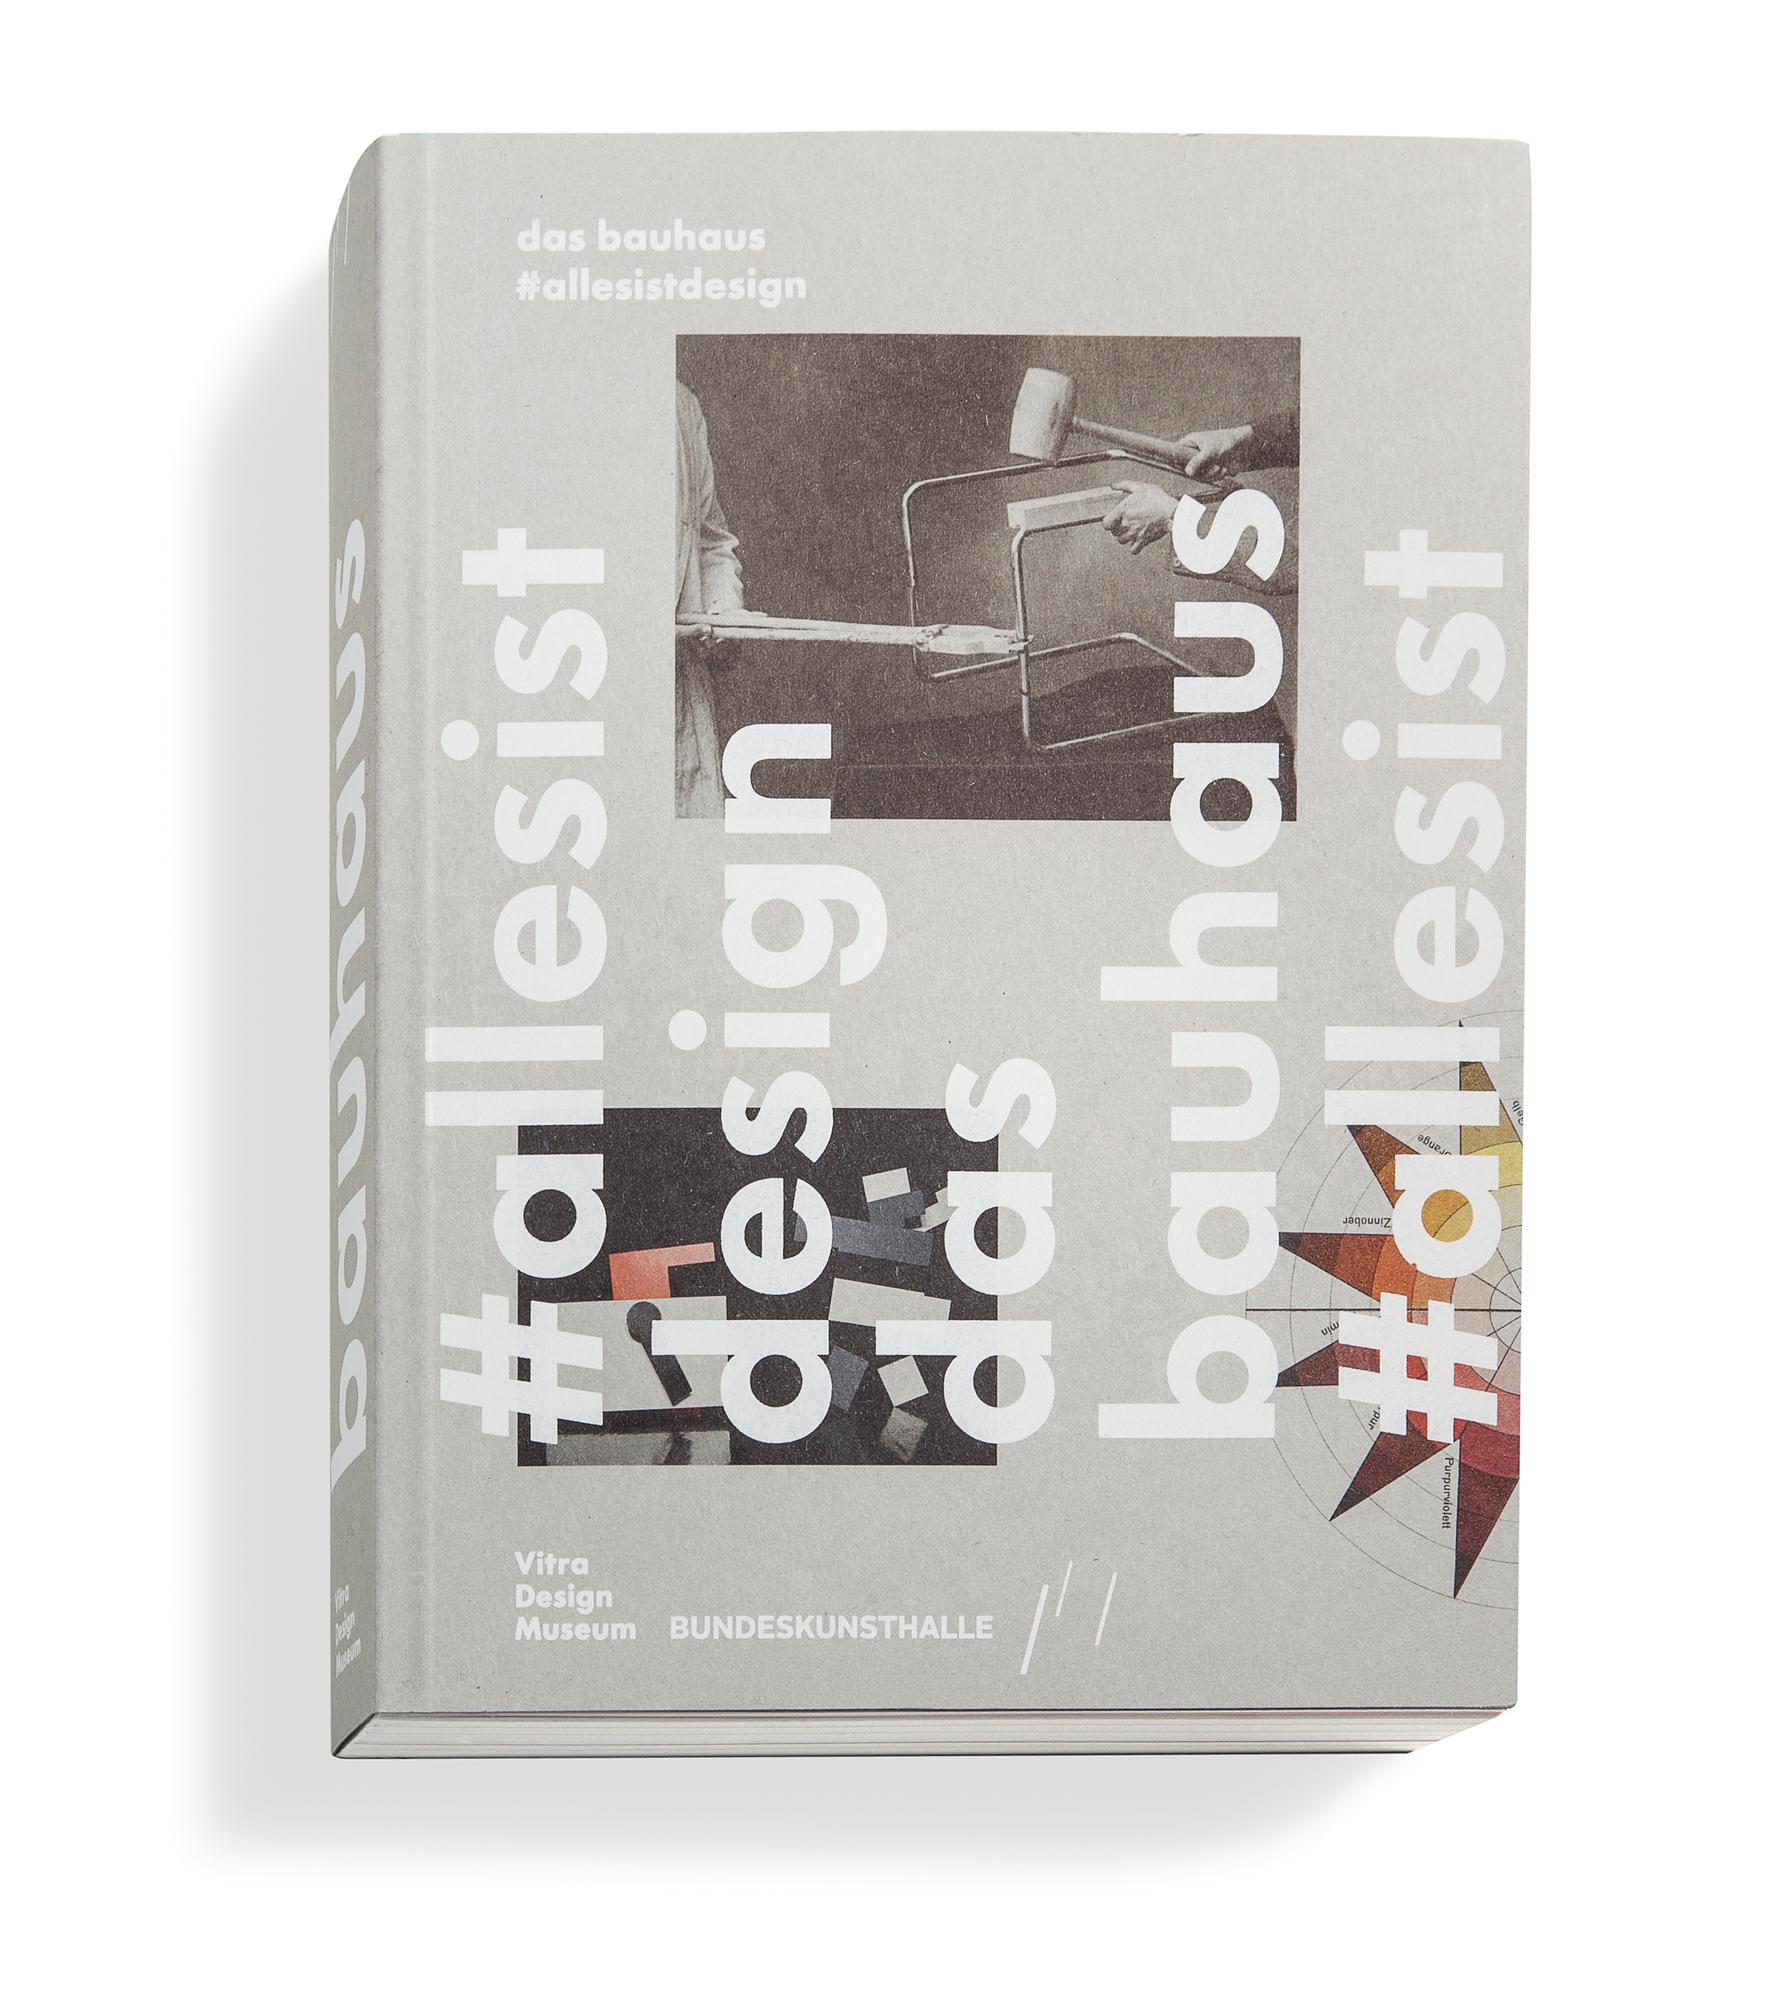 Das Bauhaus Buch Vitra Deutscher Text